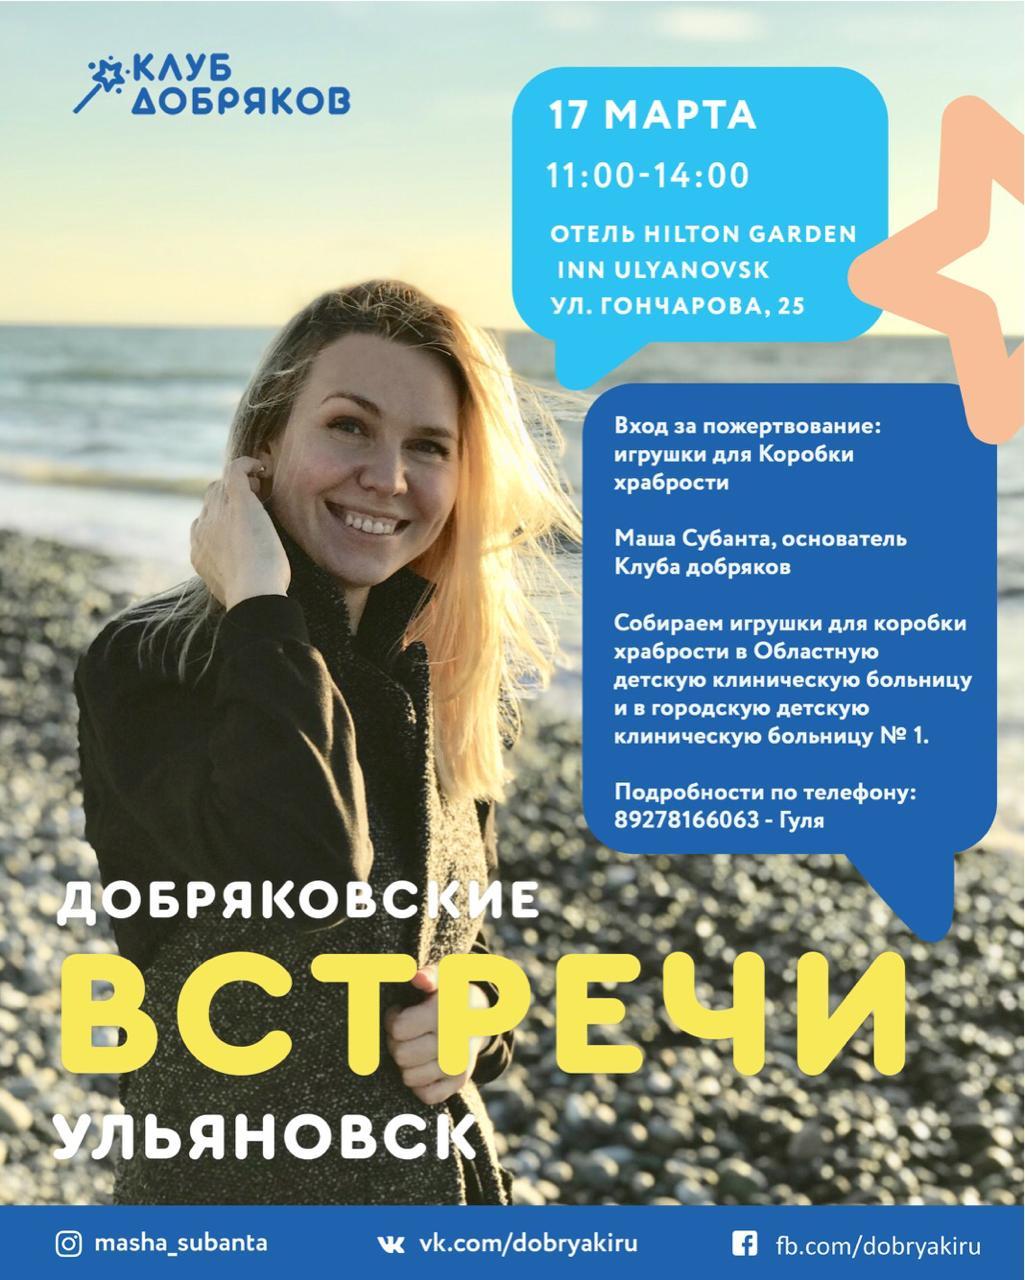 Добряковская встреча с Машей Субанта в Ульяновске